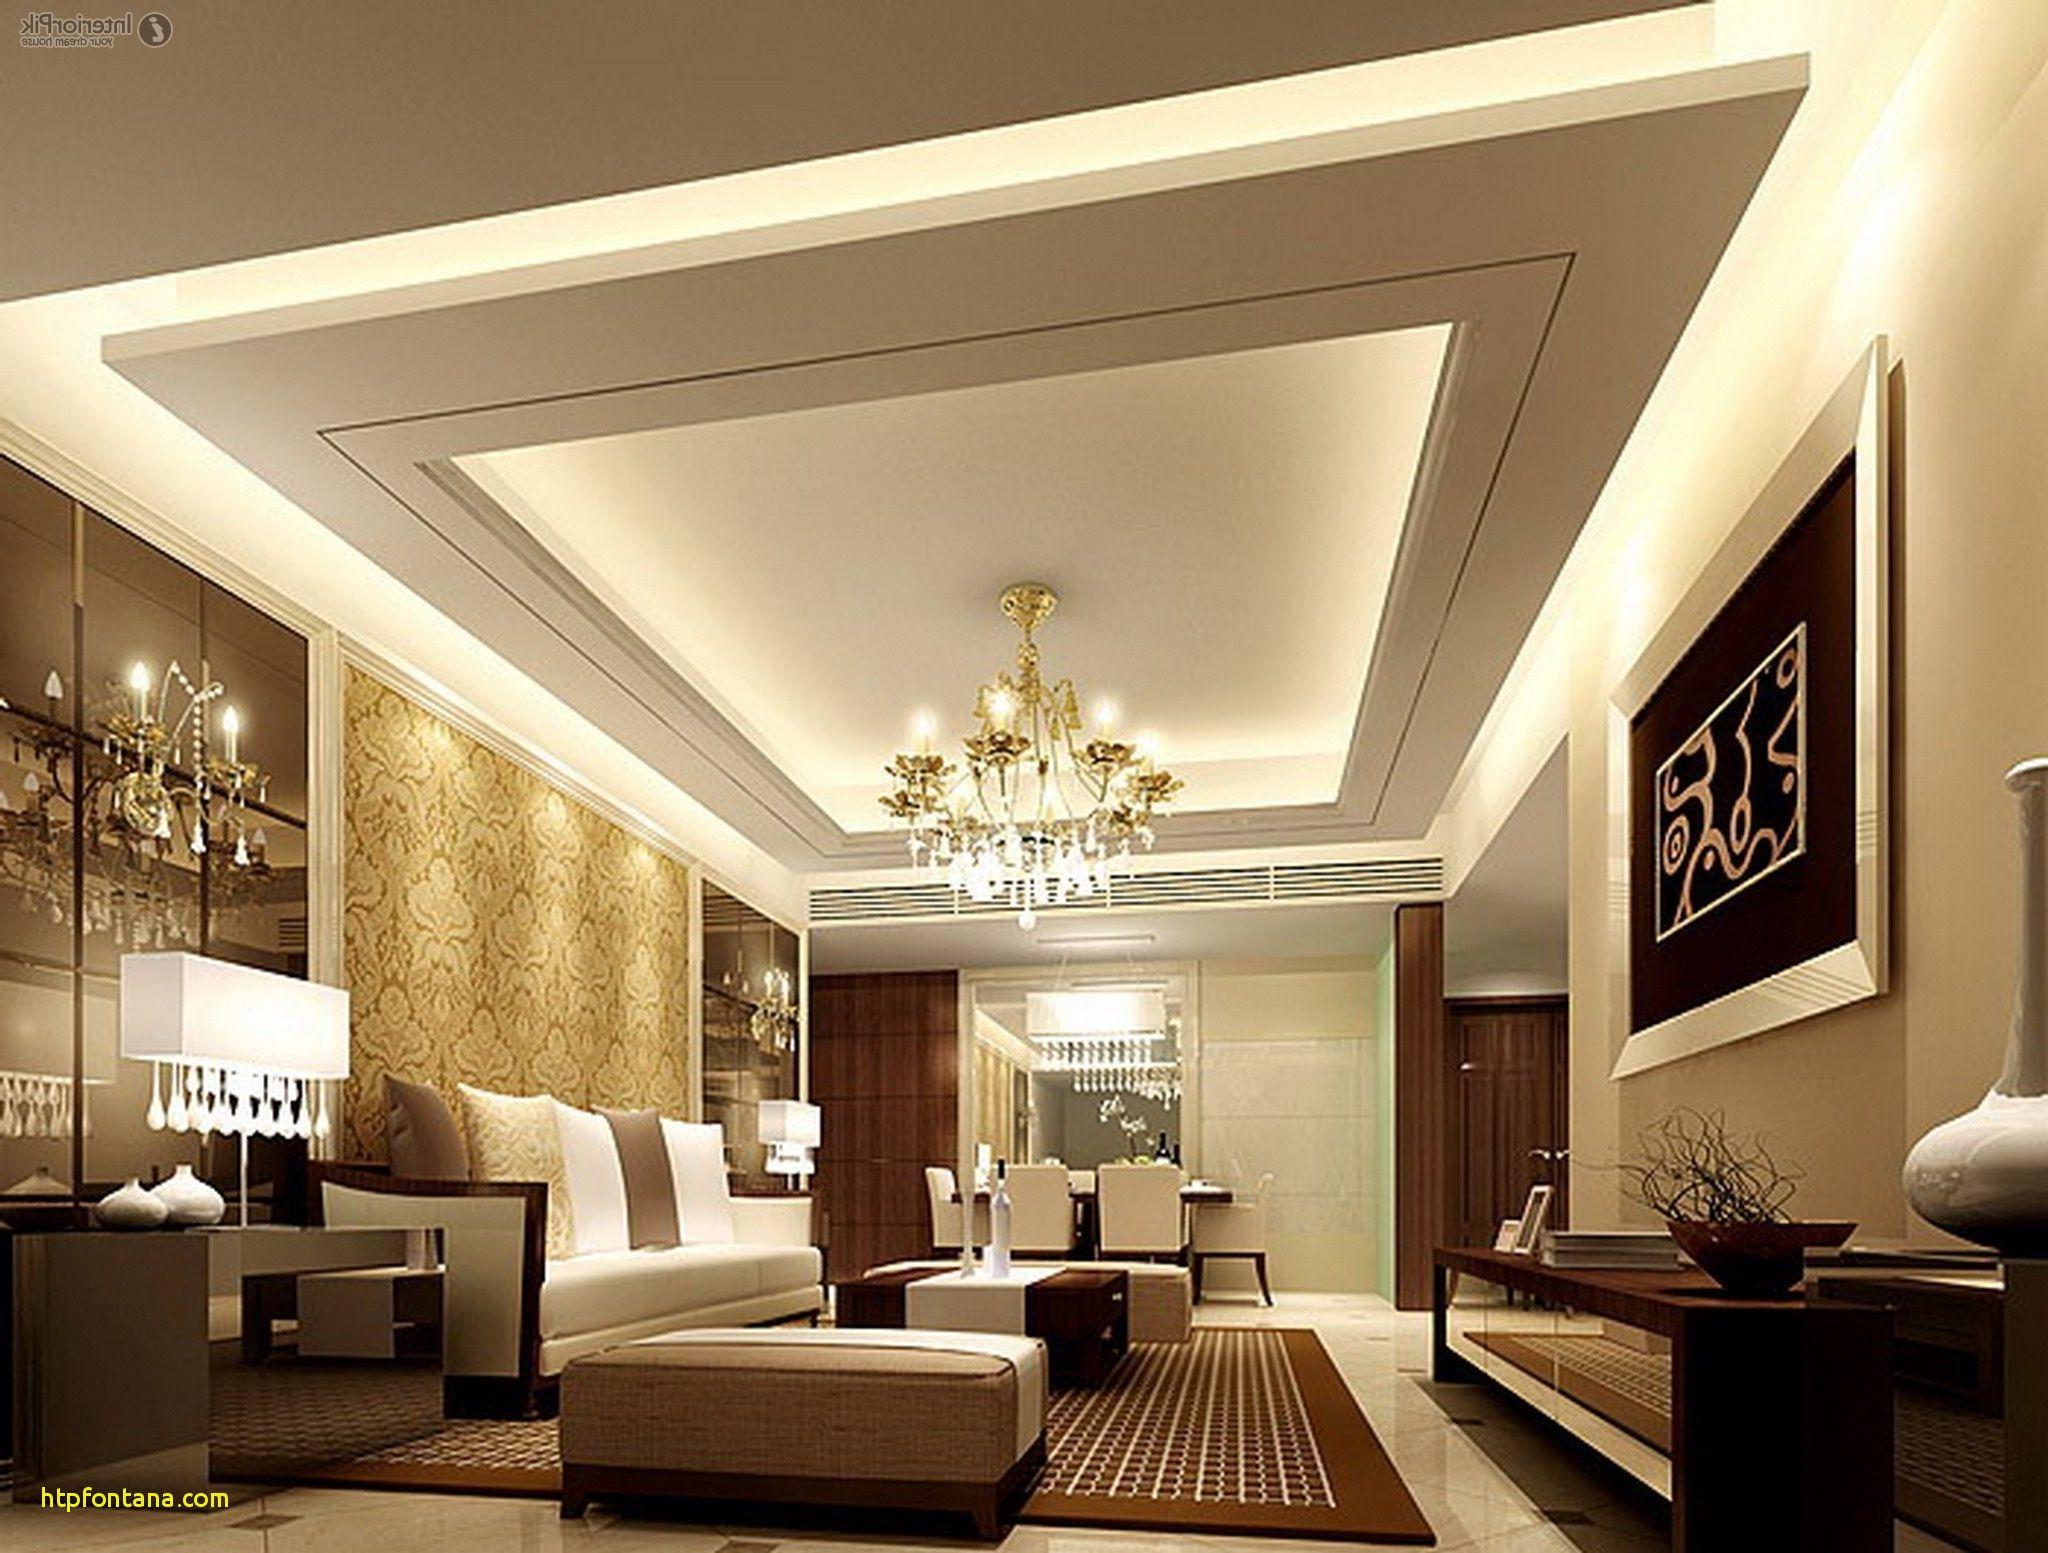 Image Result For Condo Lighting Ideas Ceiling Design Living Room Simple False Ceiling Design Pop False Ceiling Design